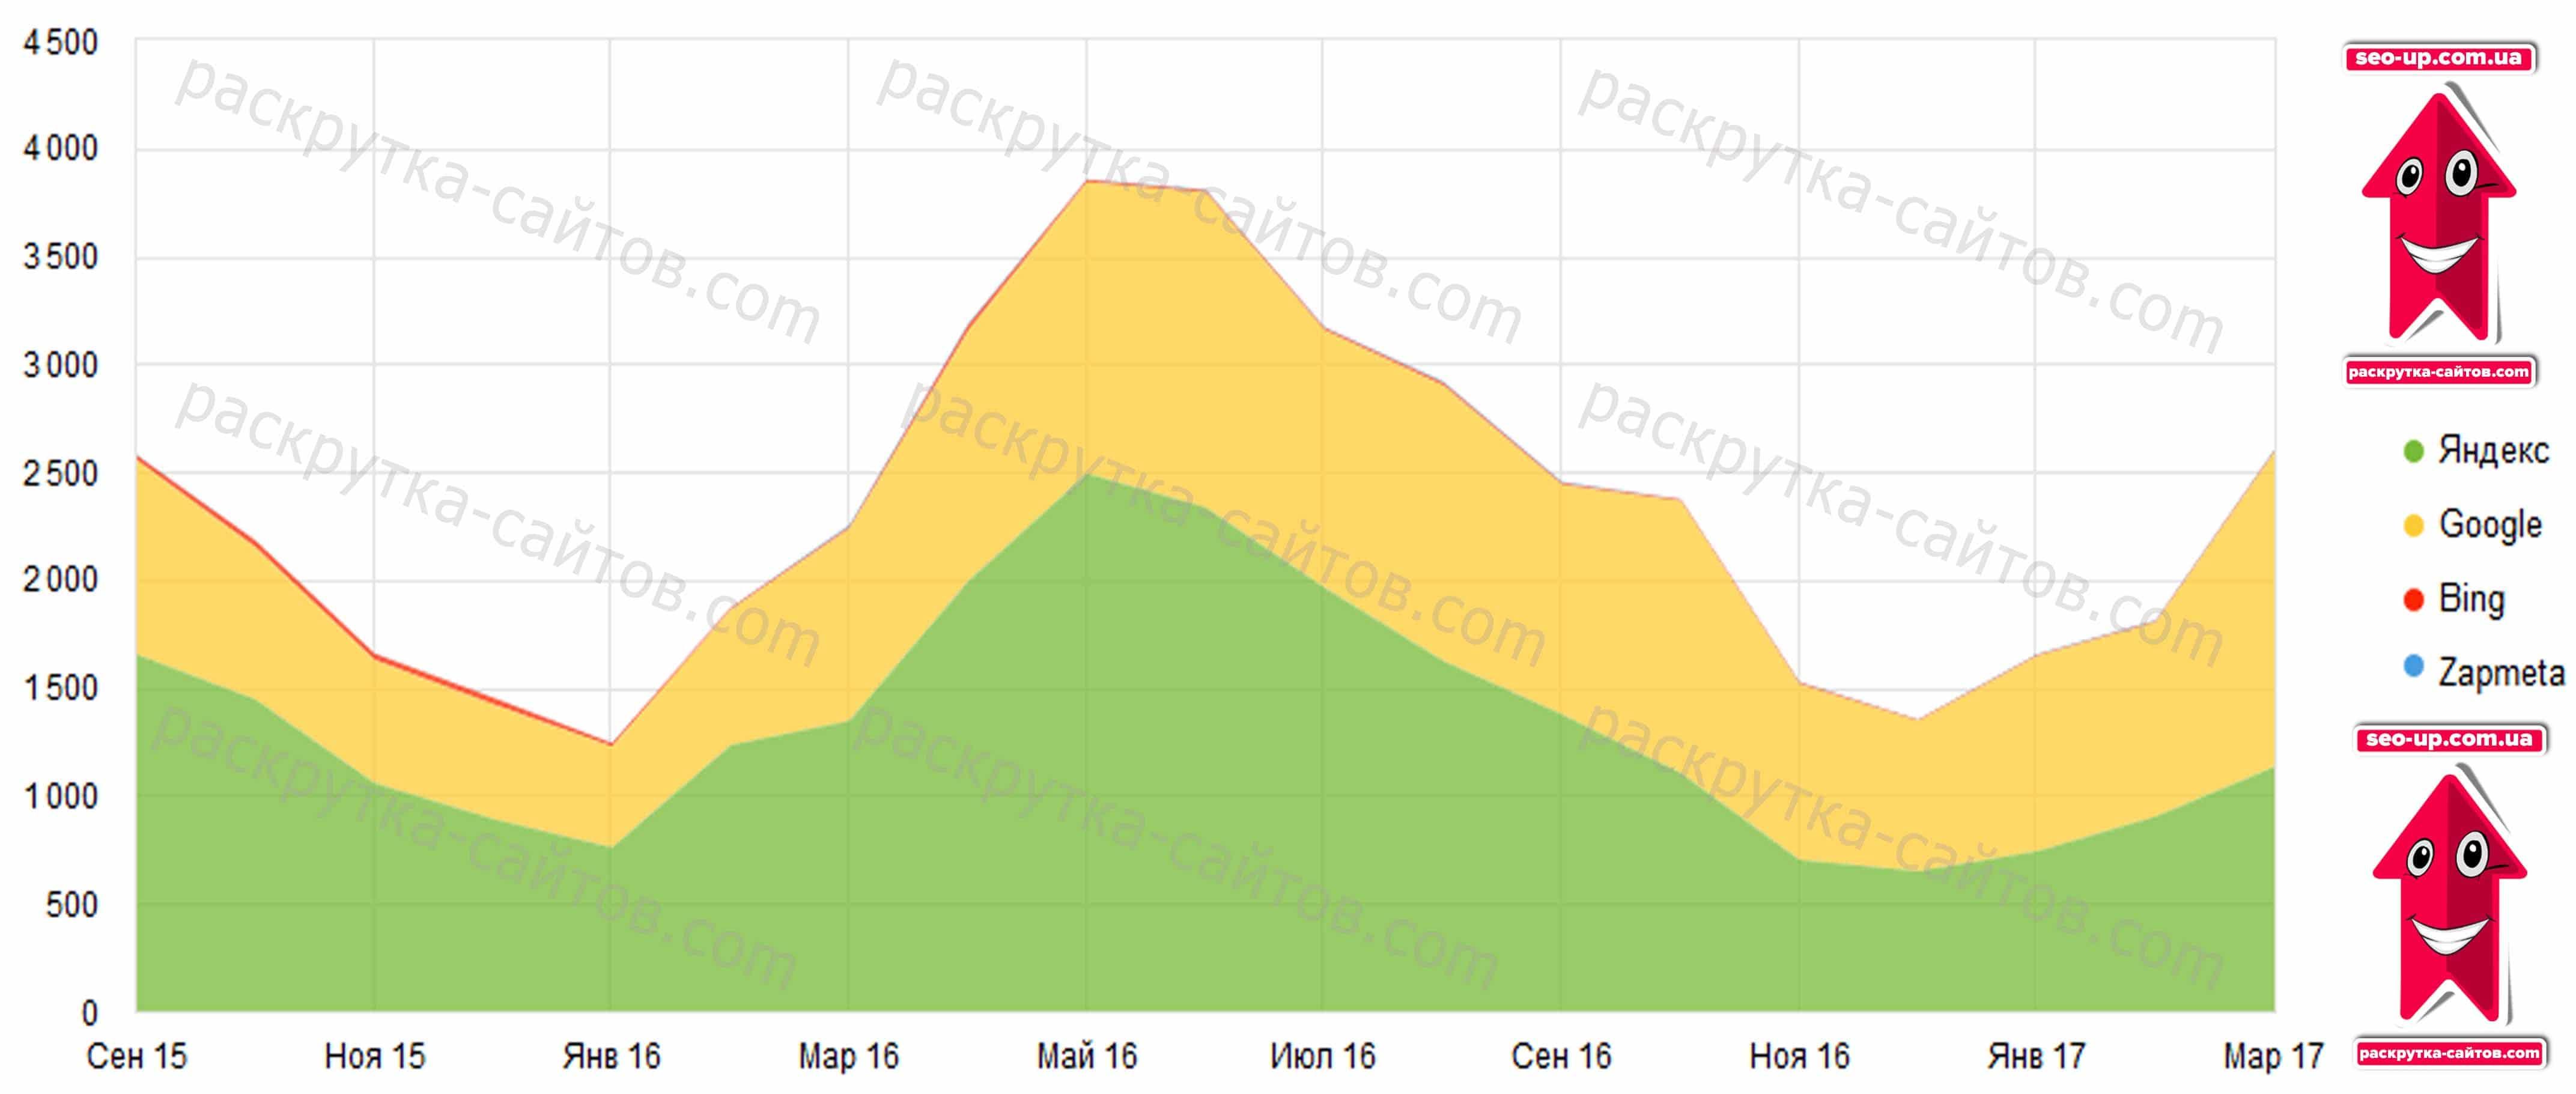 роста и спада посещаемости из поисковых систем по данным Яндекса и Google